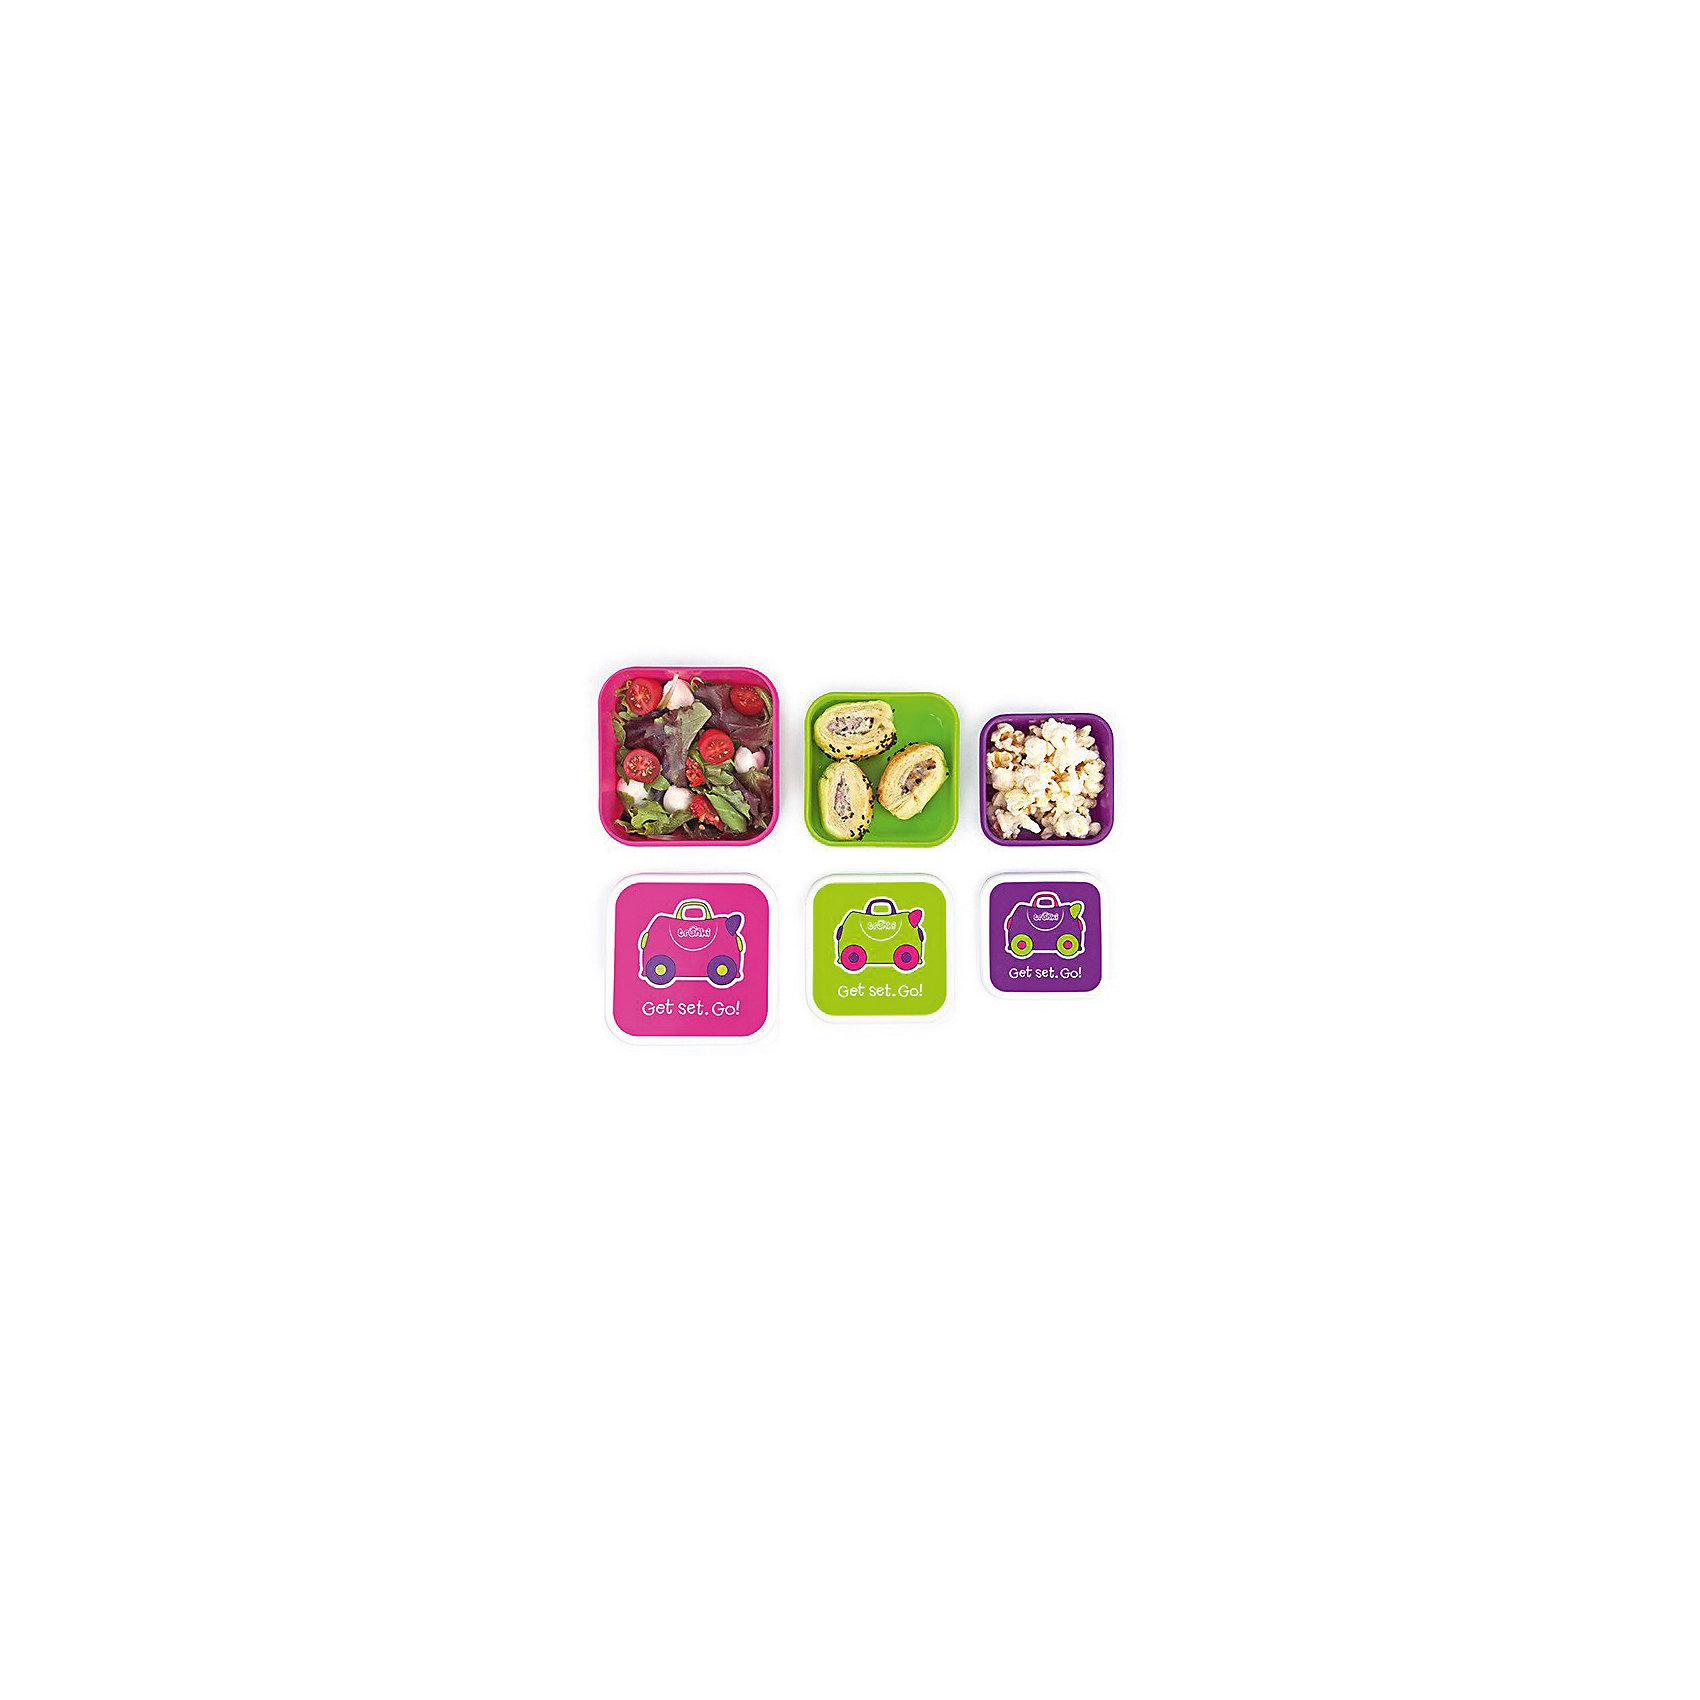 Контейнеры для еды 3 шт, розовый, фиолетовый, зеленый от myToys